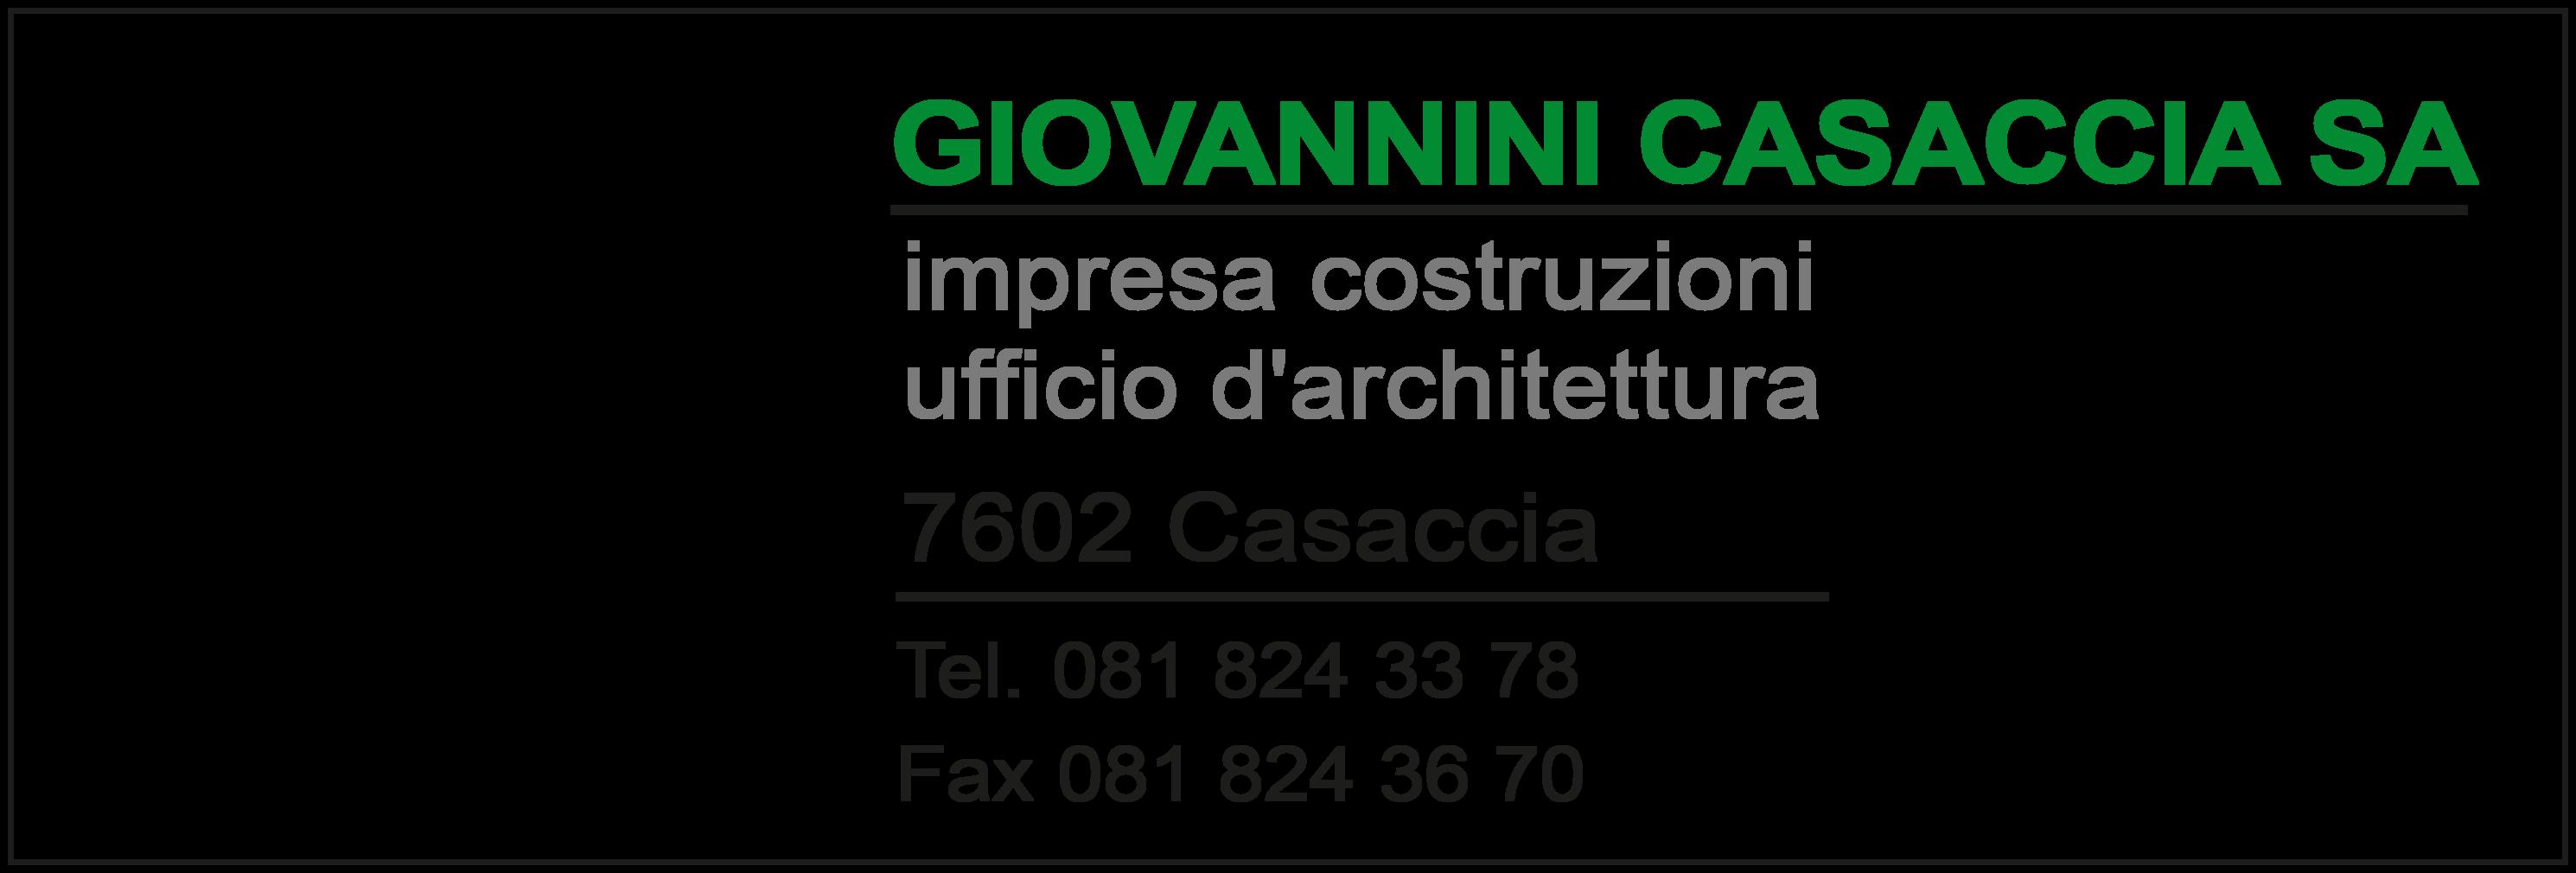 Giovannini Casaccia SA